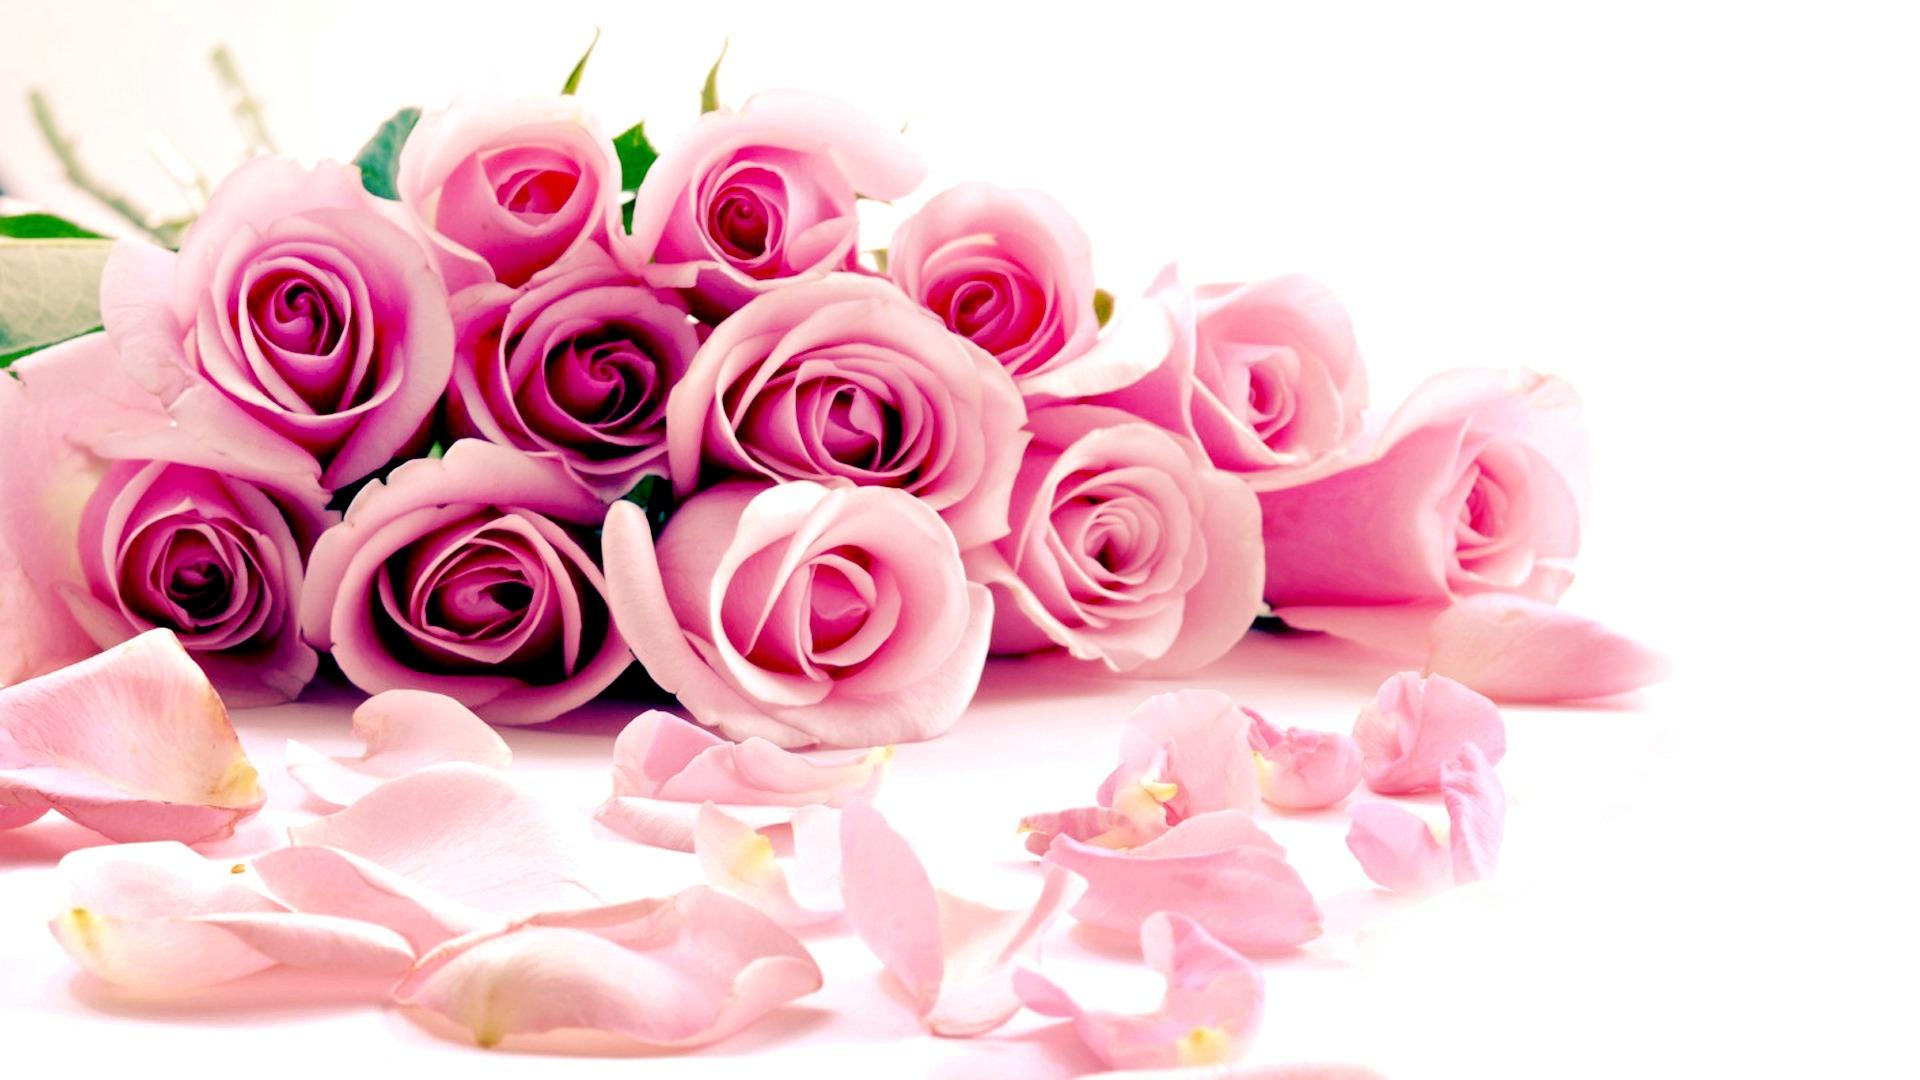 beautiful pink roses wallpapers - sf wallpaper